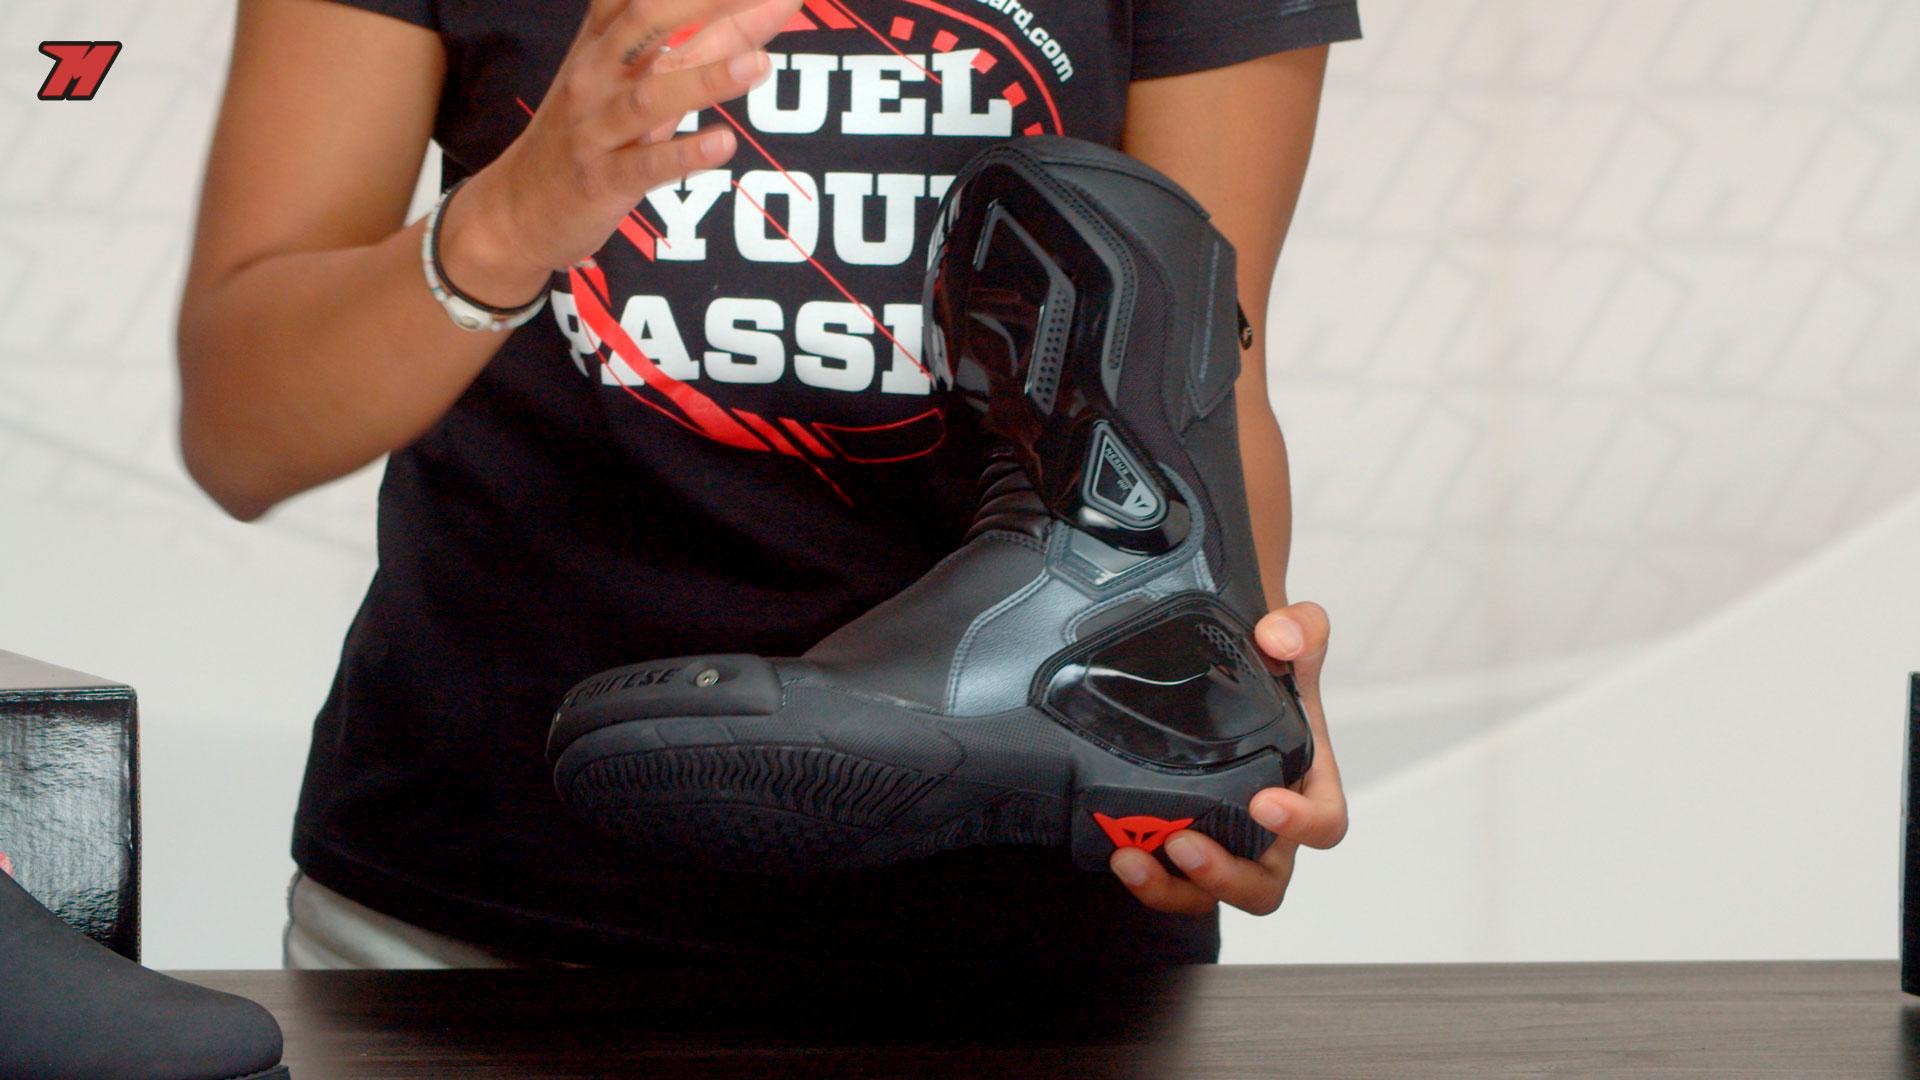 Si quieres unas botas deportivas, las Dainese Nexus Lady son una buena elección.